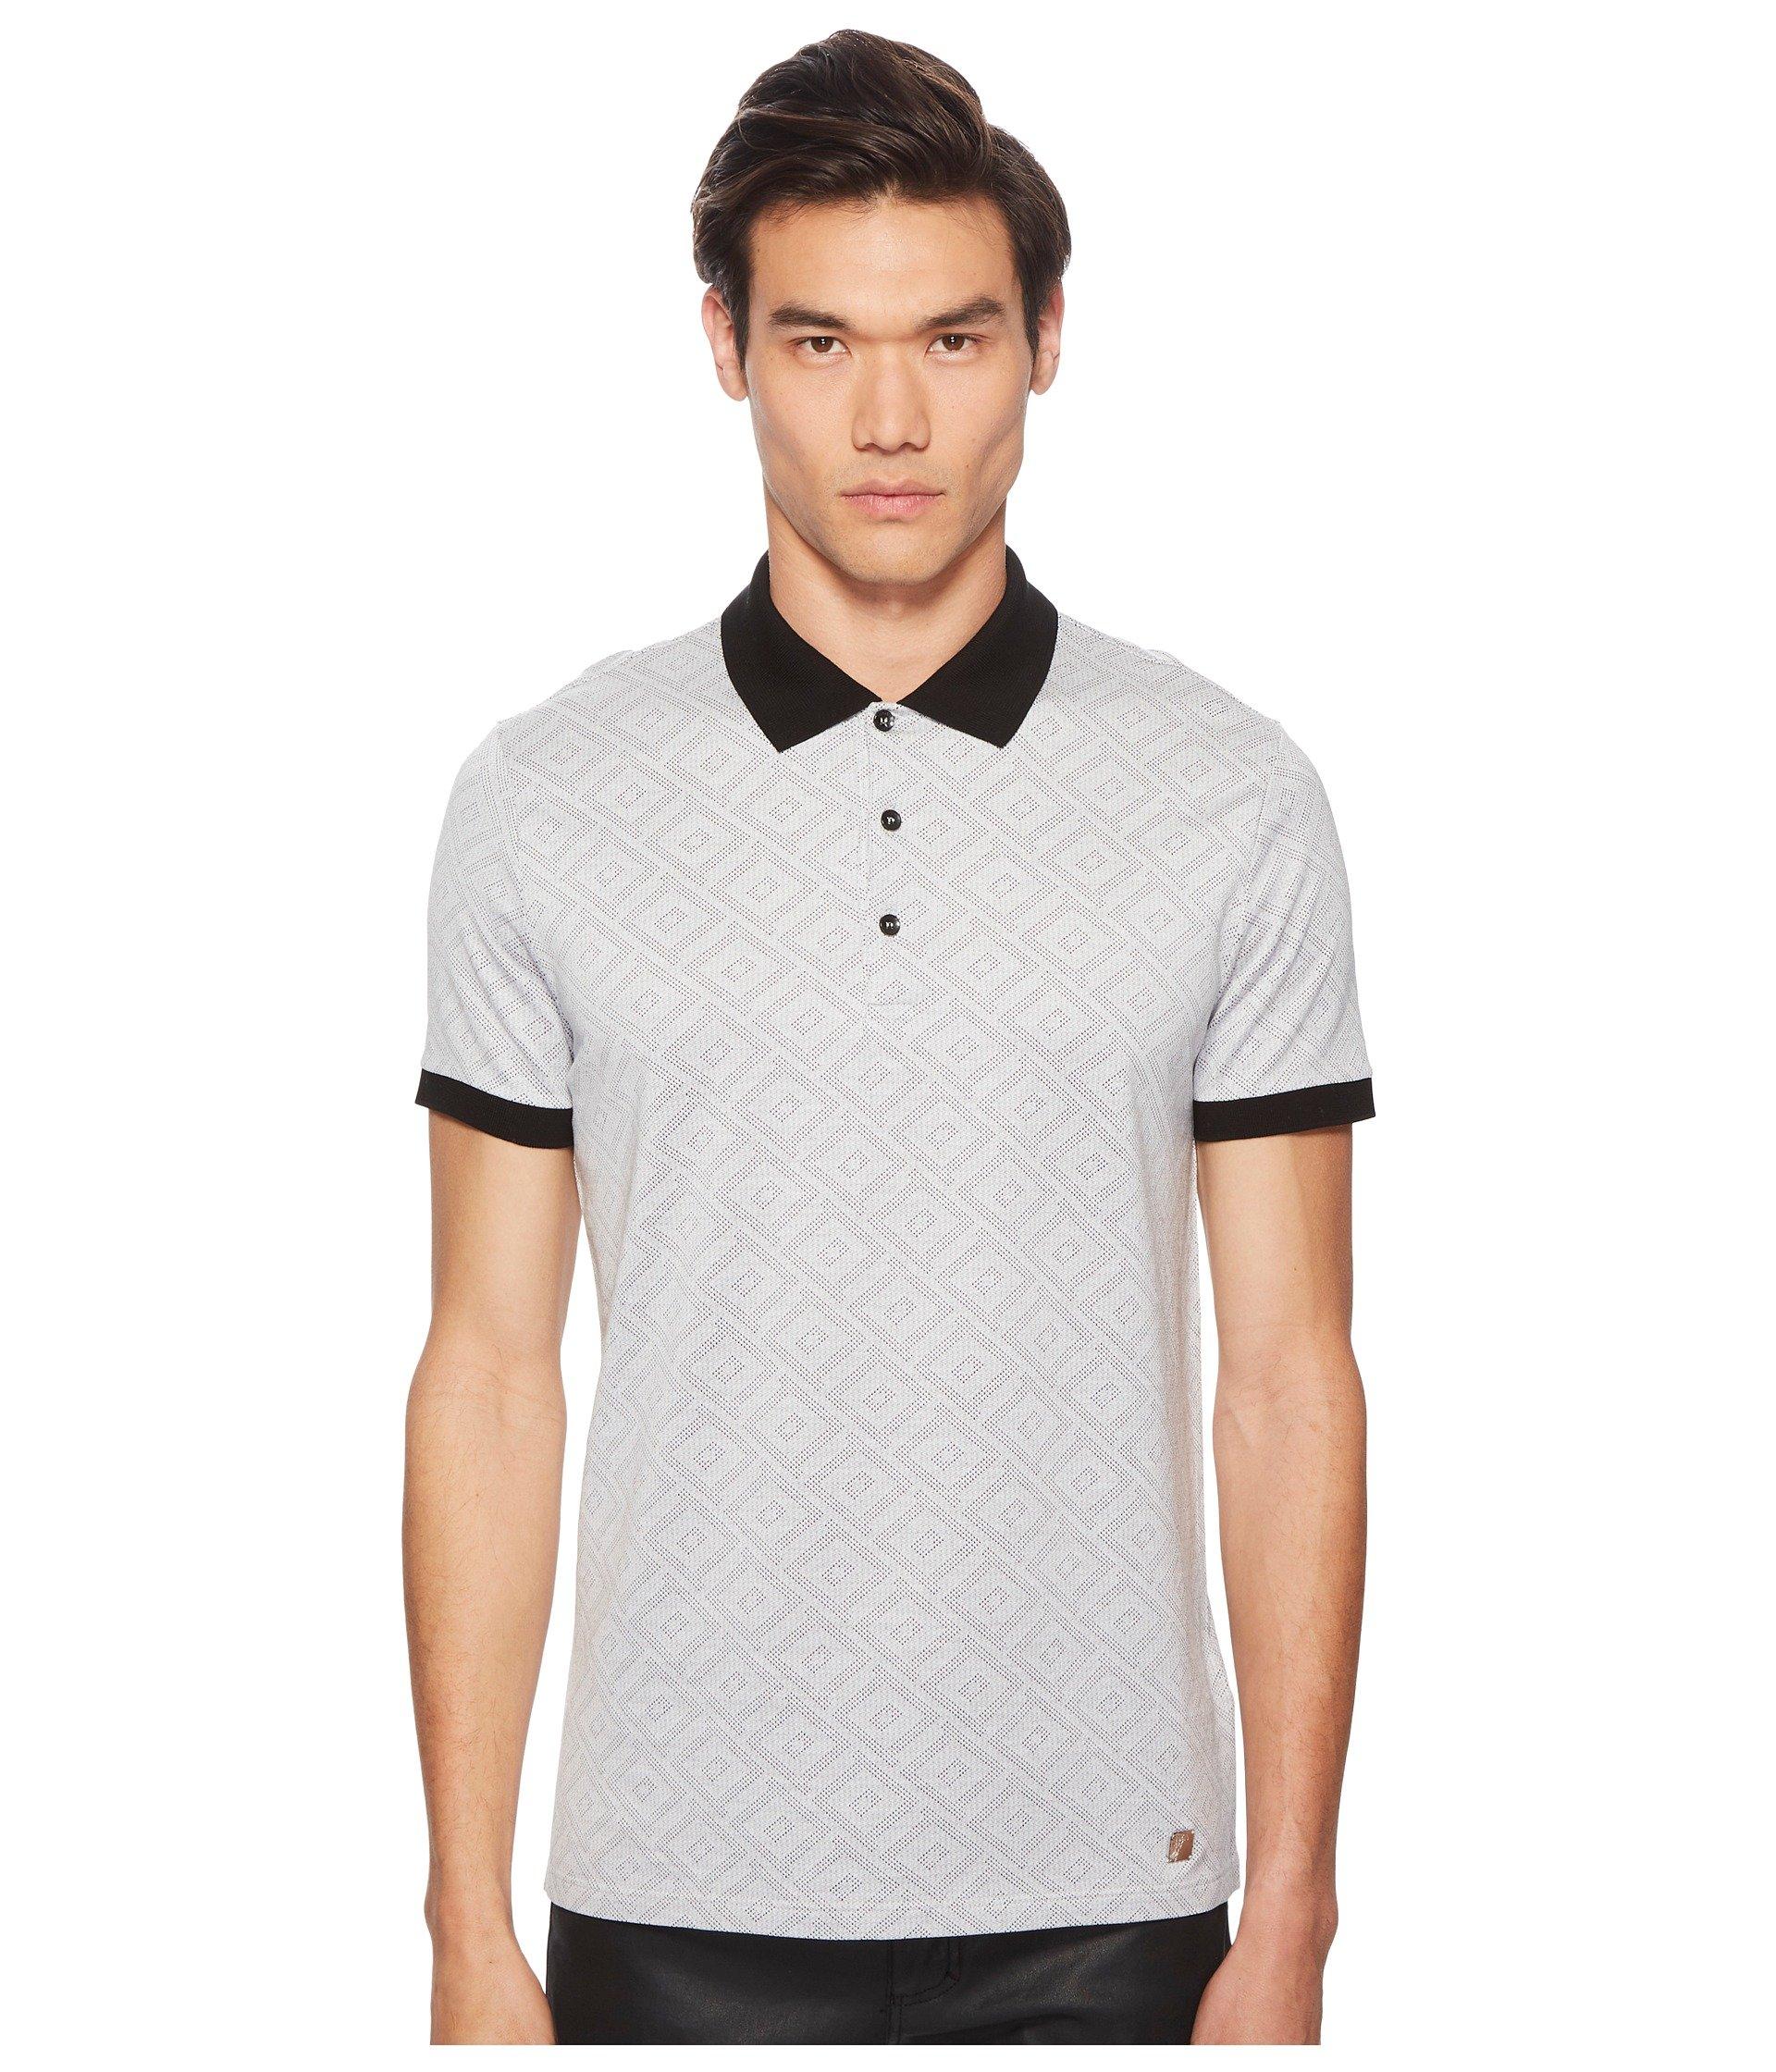 Camiseta Tipo Polo para Hombre Versace Collection Geo Jacquard Frame Print Polo  + Versace en VeoyCompro.net